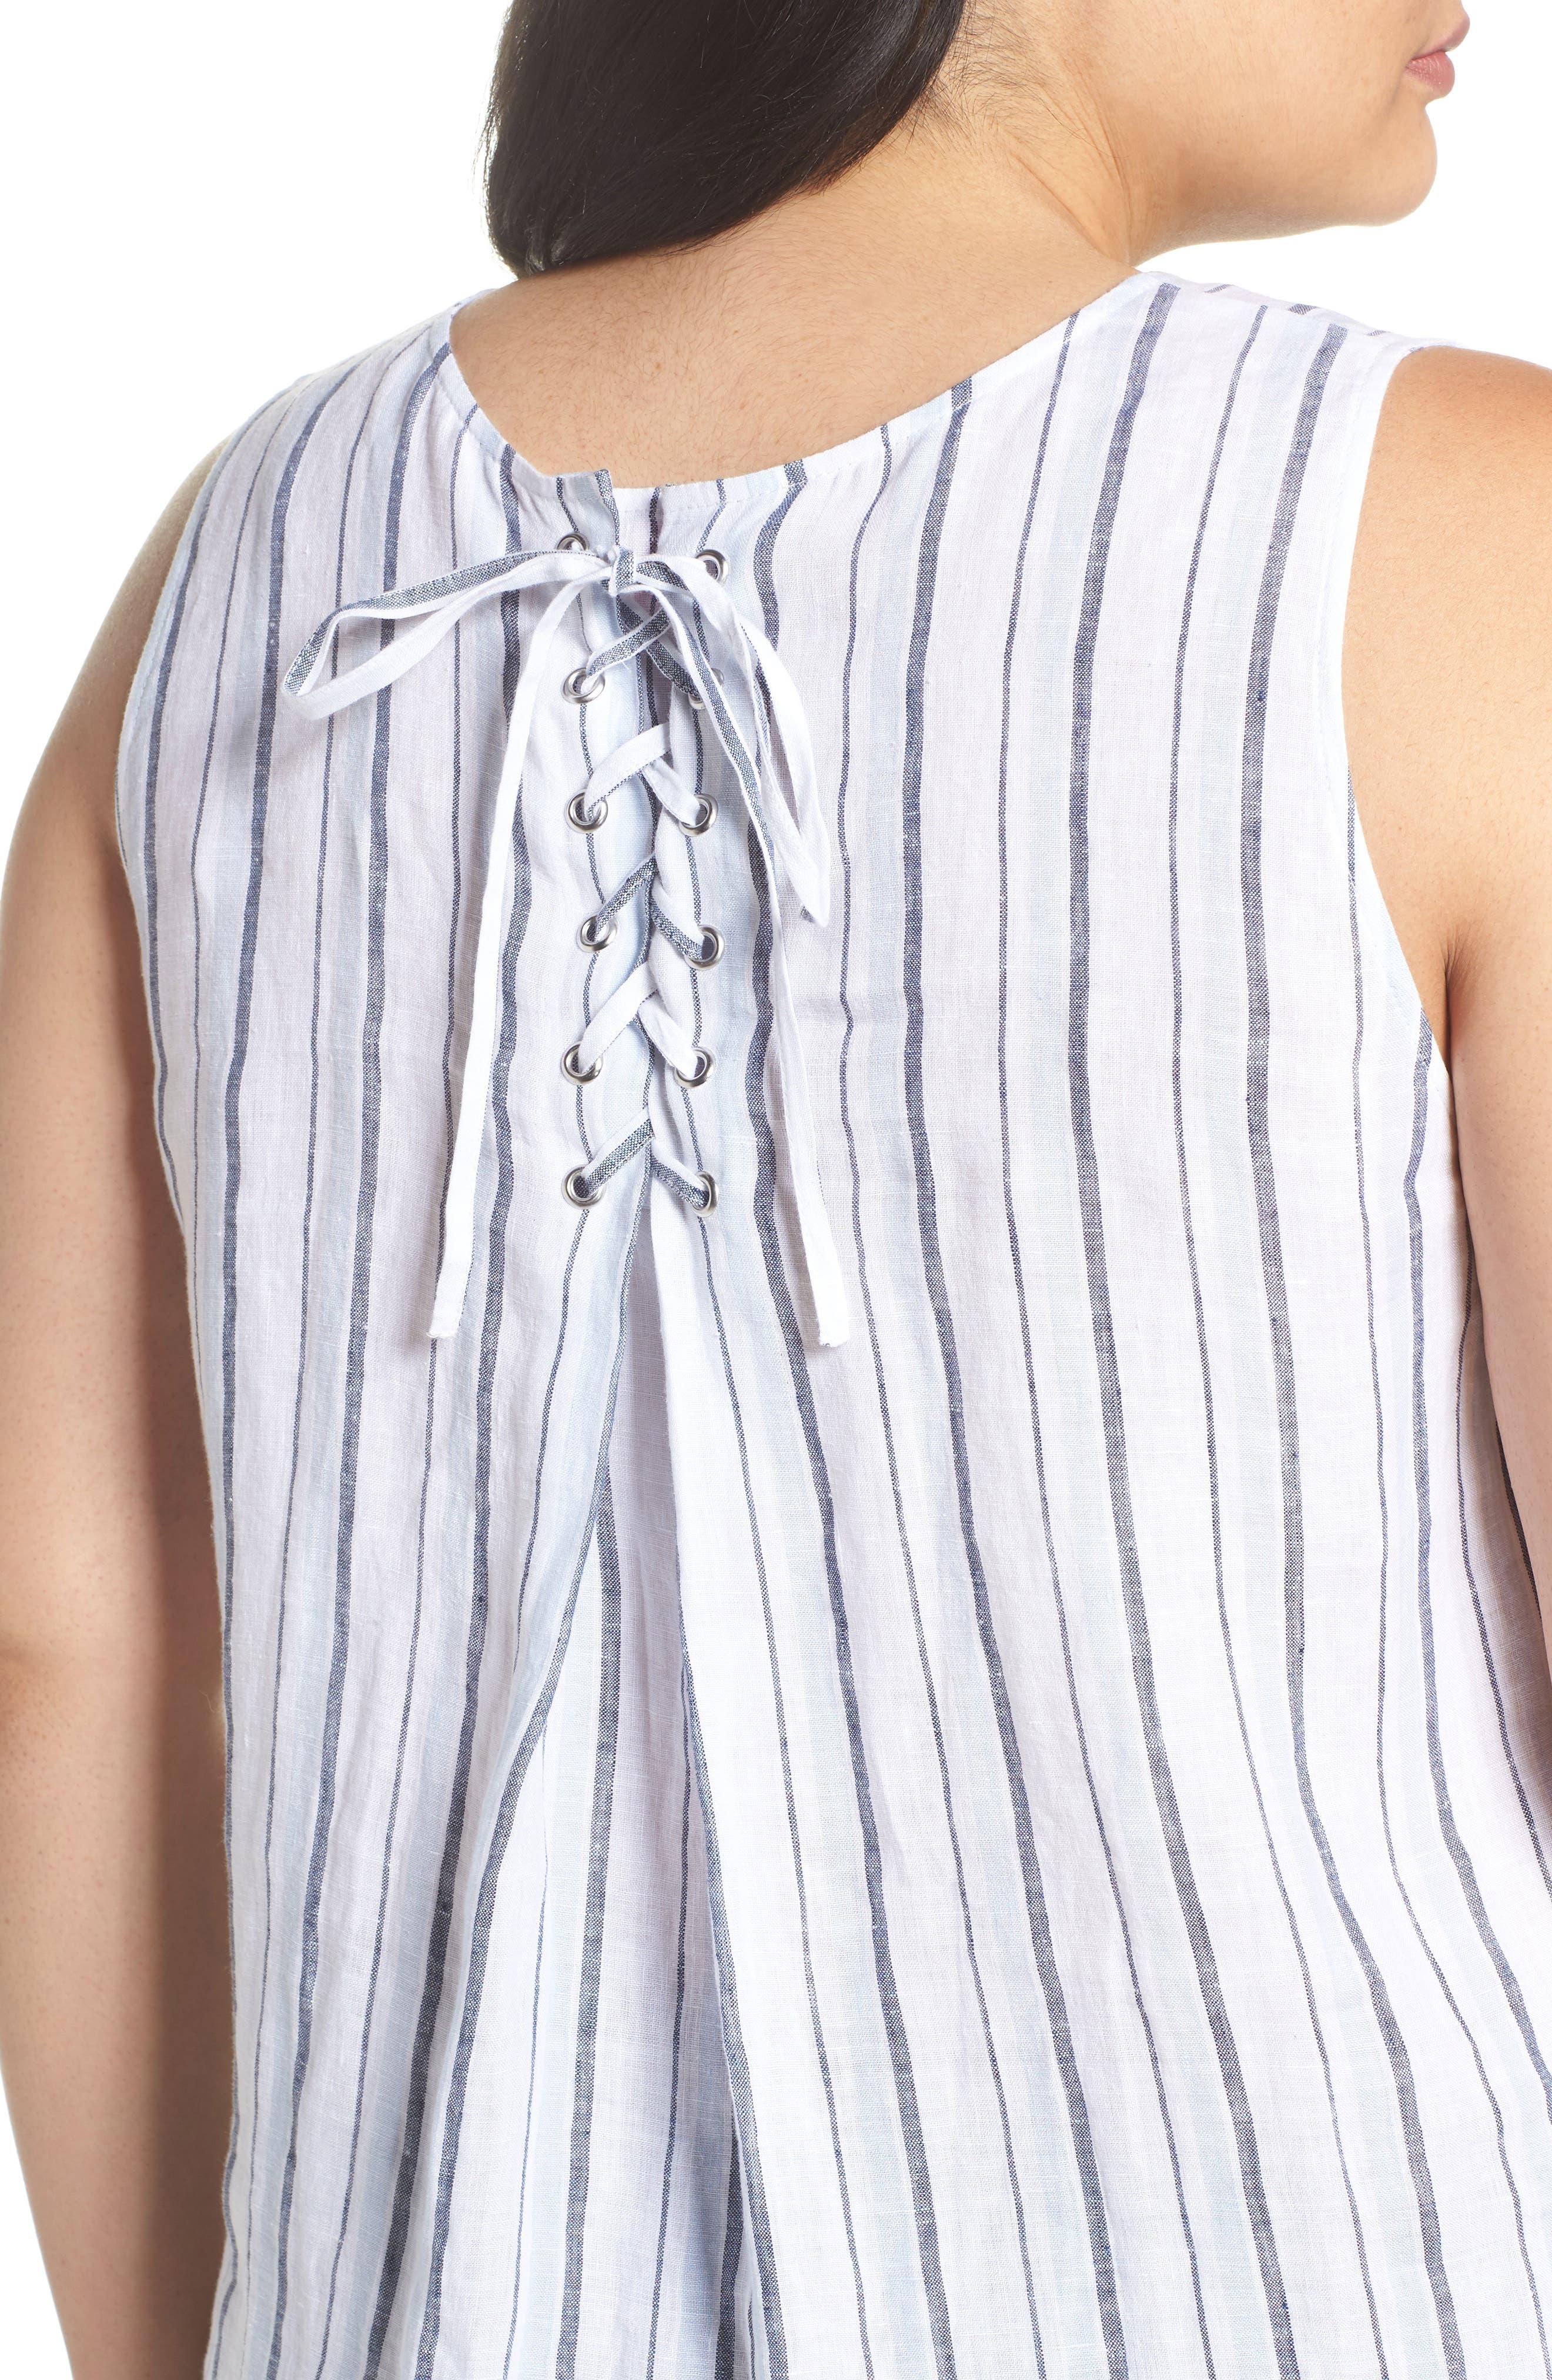 Stripe Lace-Up Back Linen Top,                             Alternate thumbnail 4, color,                             Dew Blue